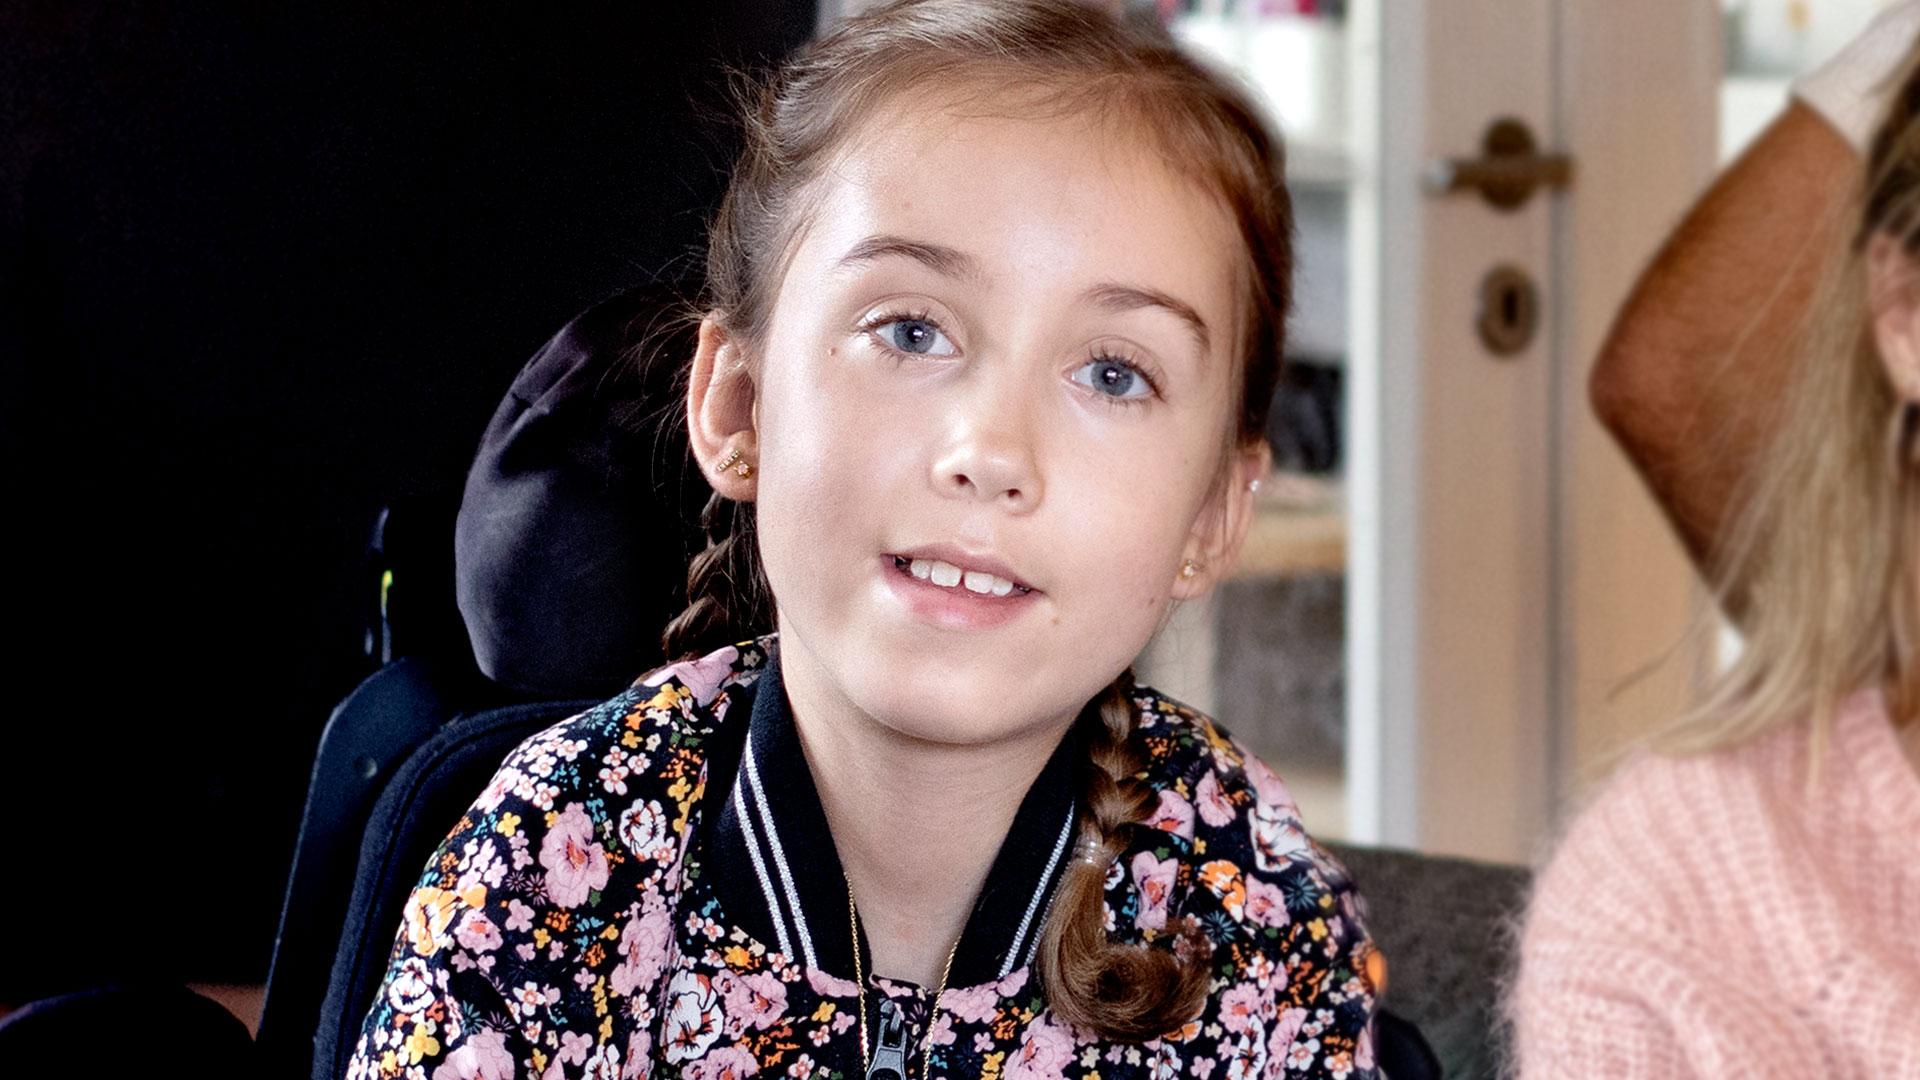 10-årige Maise kan dø af corona: Jeg vil hellere smittes end isoleres igen